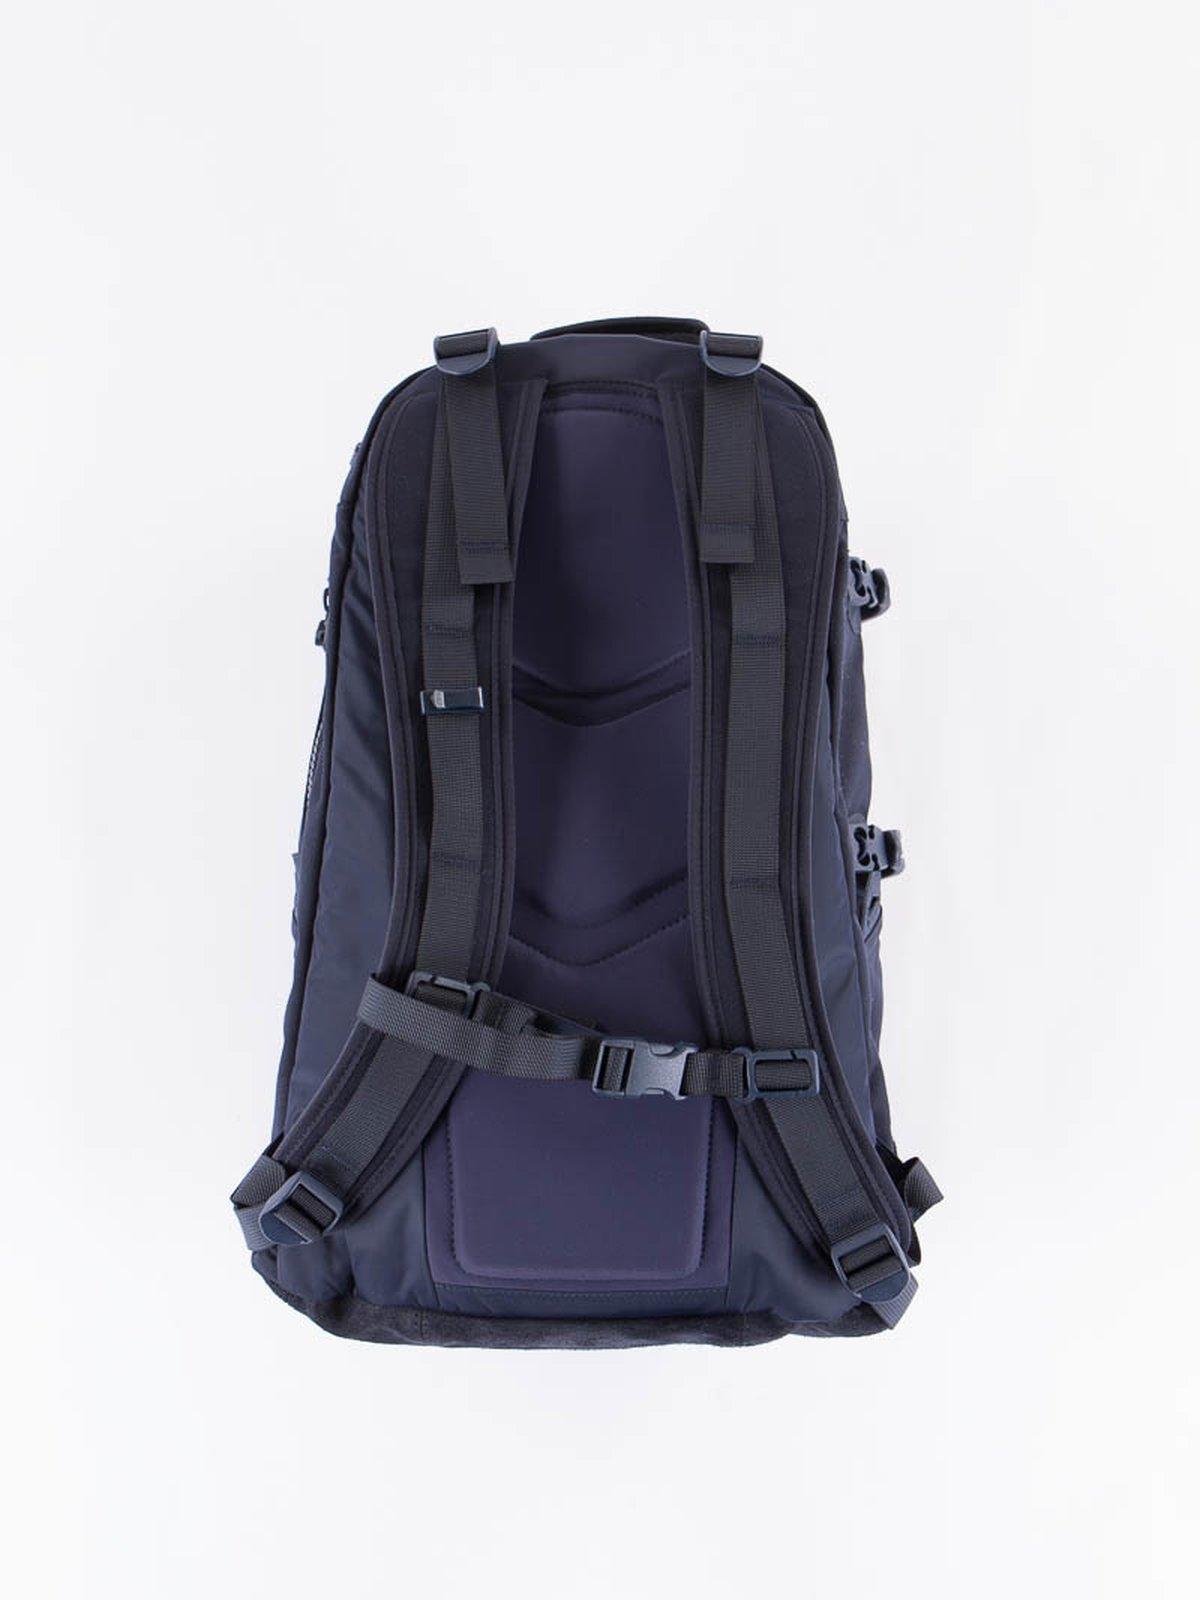 Navy 20L Ballistic Backpack - Image 6